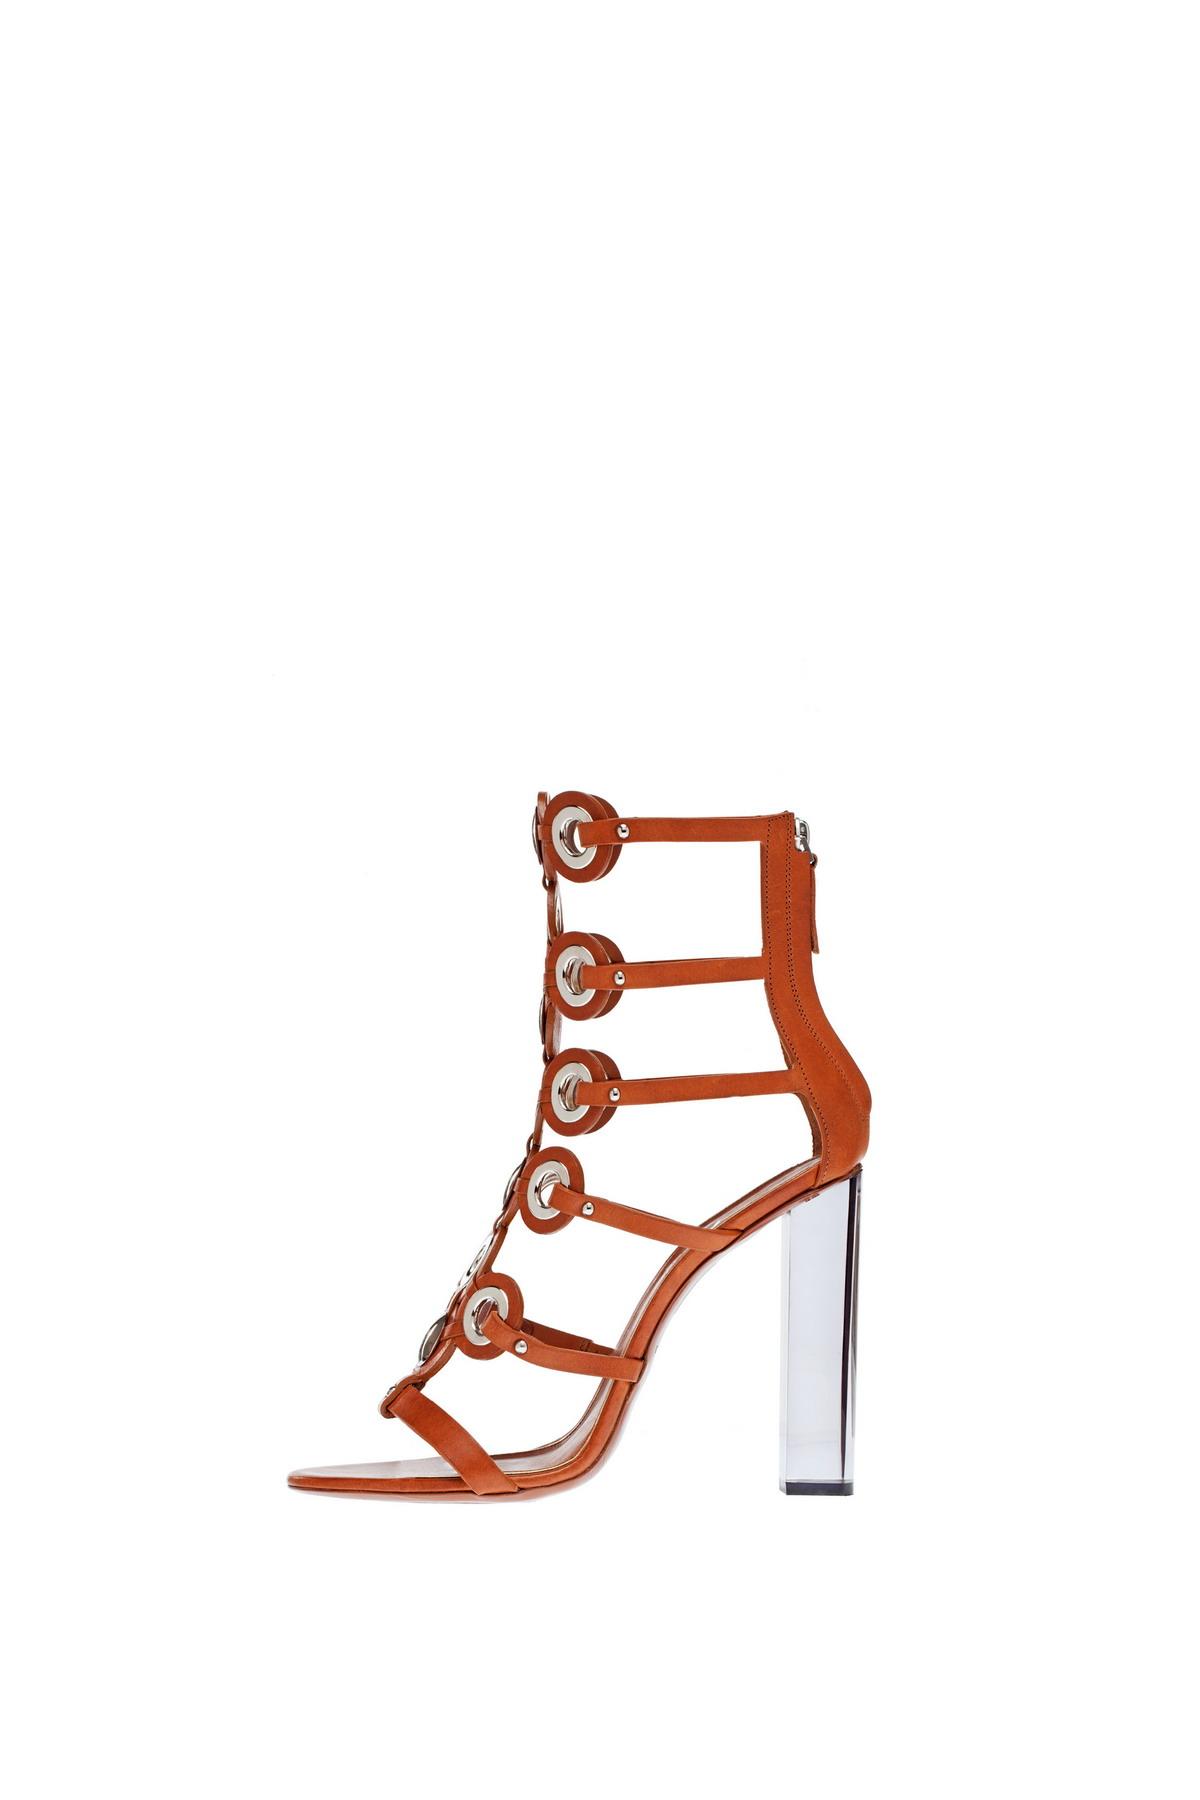 01_EmilioPucci_accessories_SS2015_ridimensionare